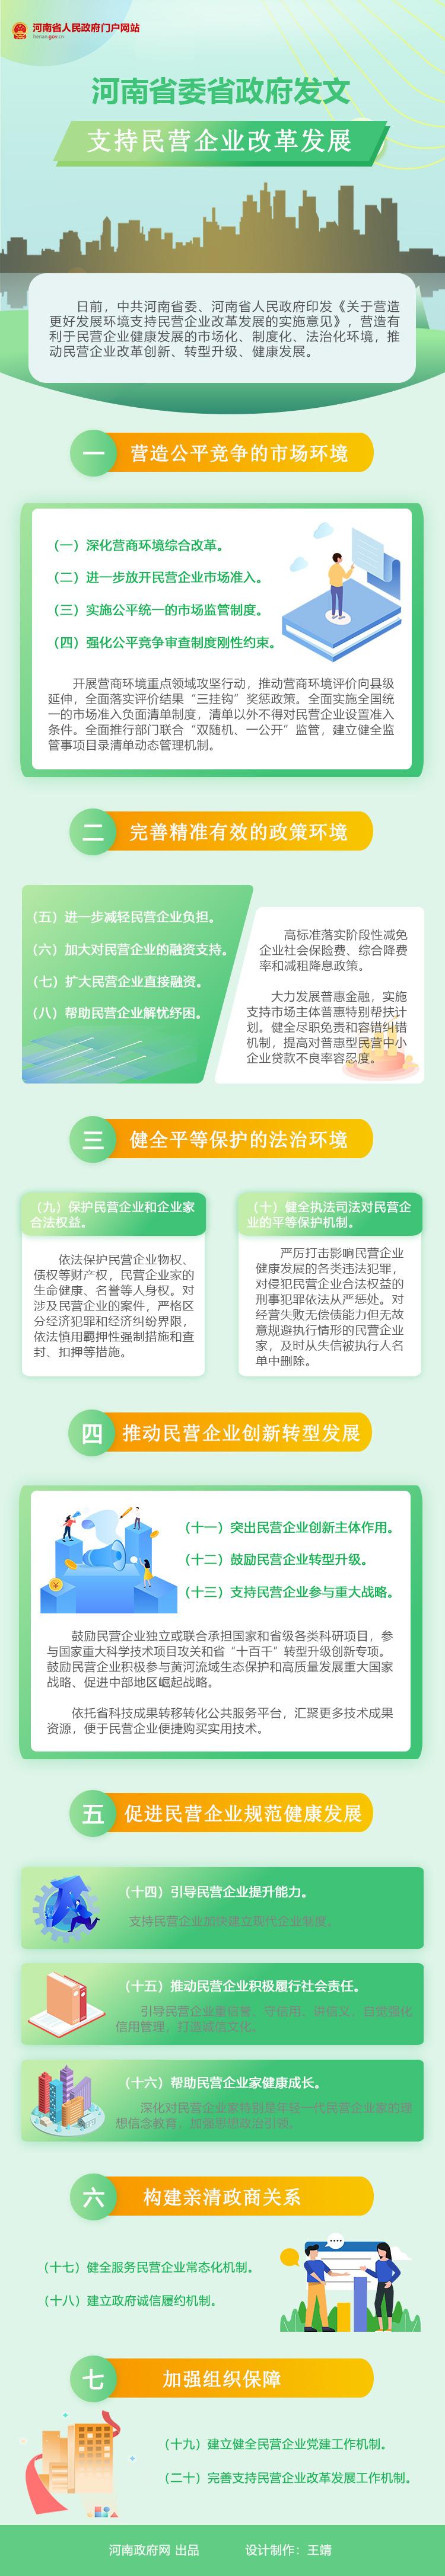 图解:河南省委省政府发文 支持民营企业改革发展